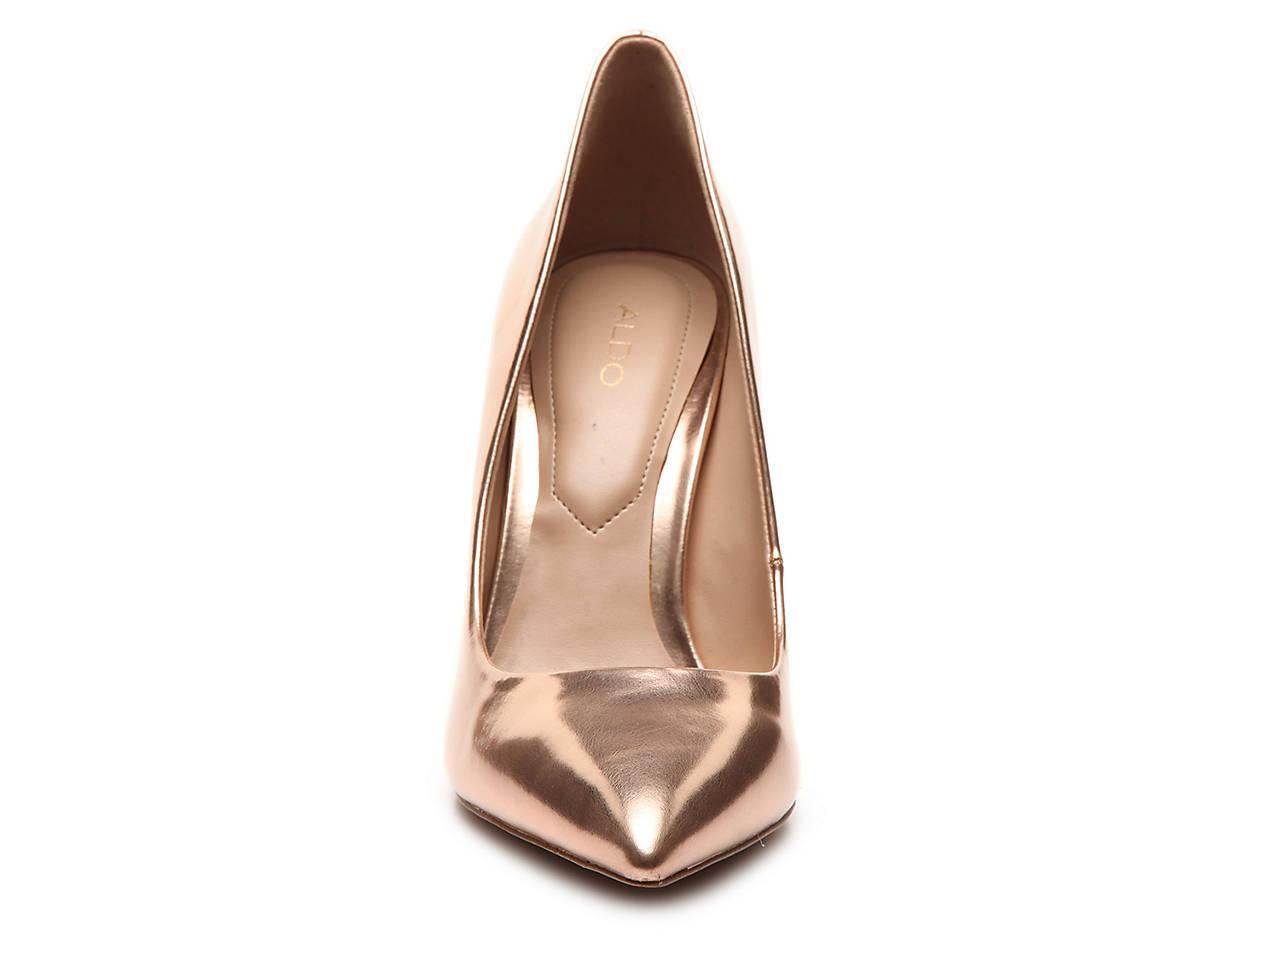 dea8e4dfd97 Aldo Uloaviel Pump Women s Shoes